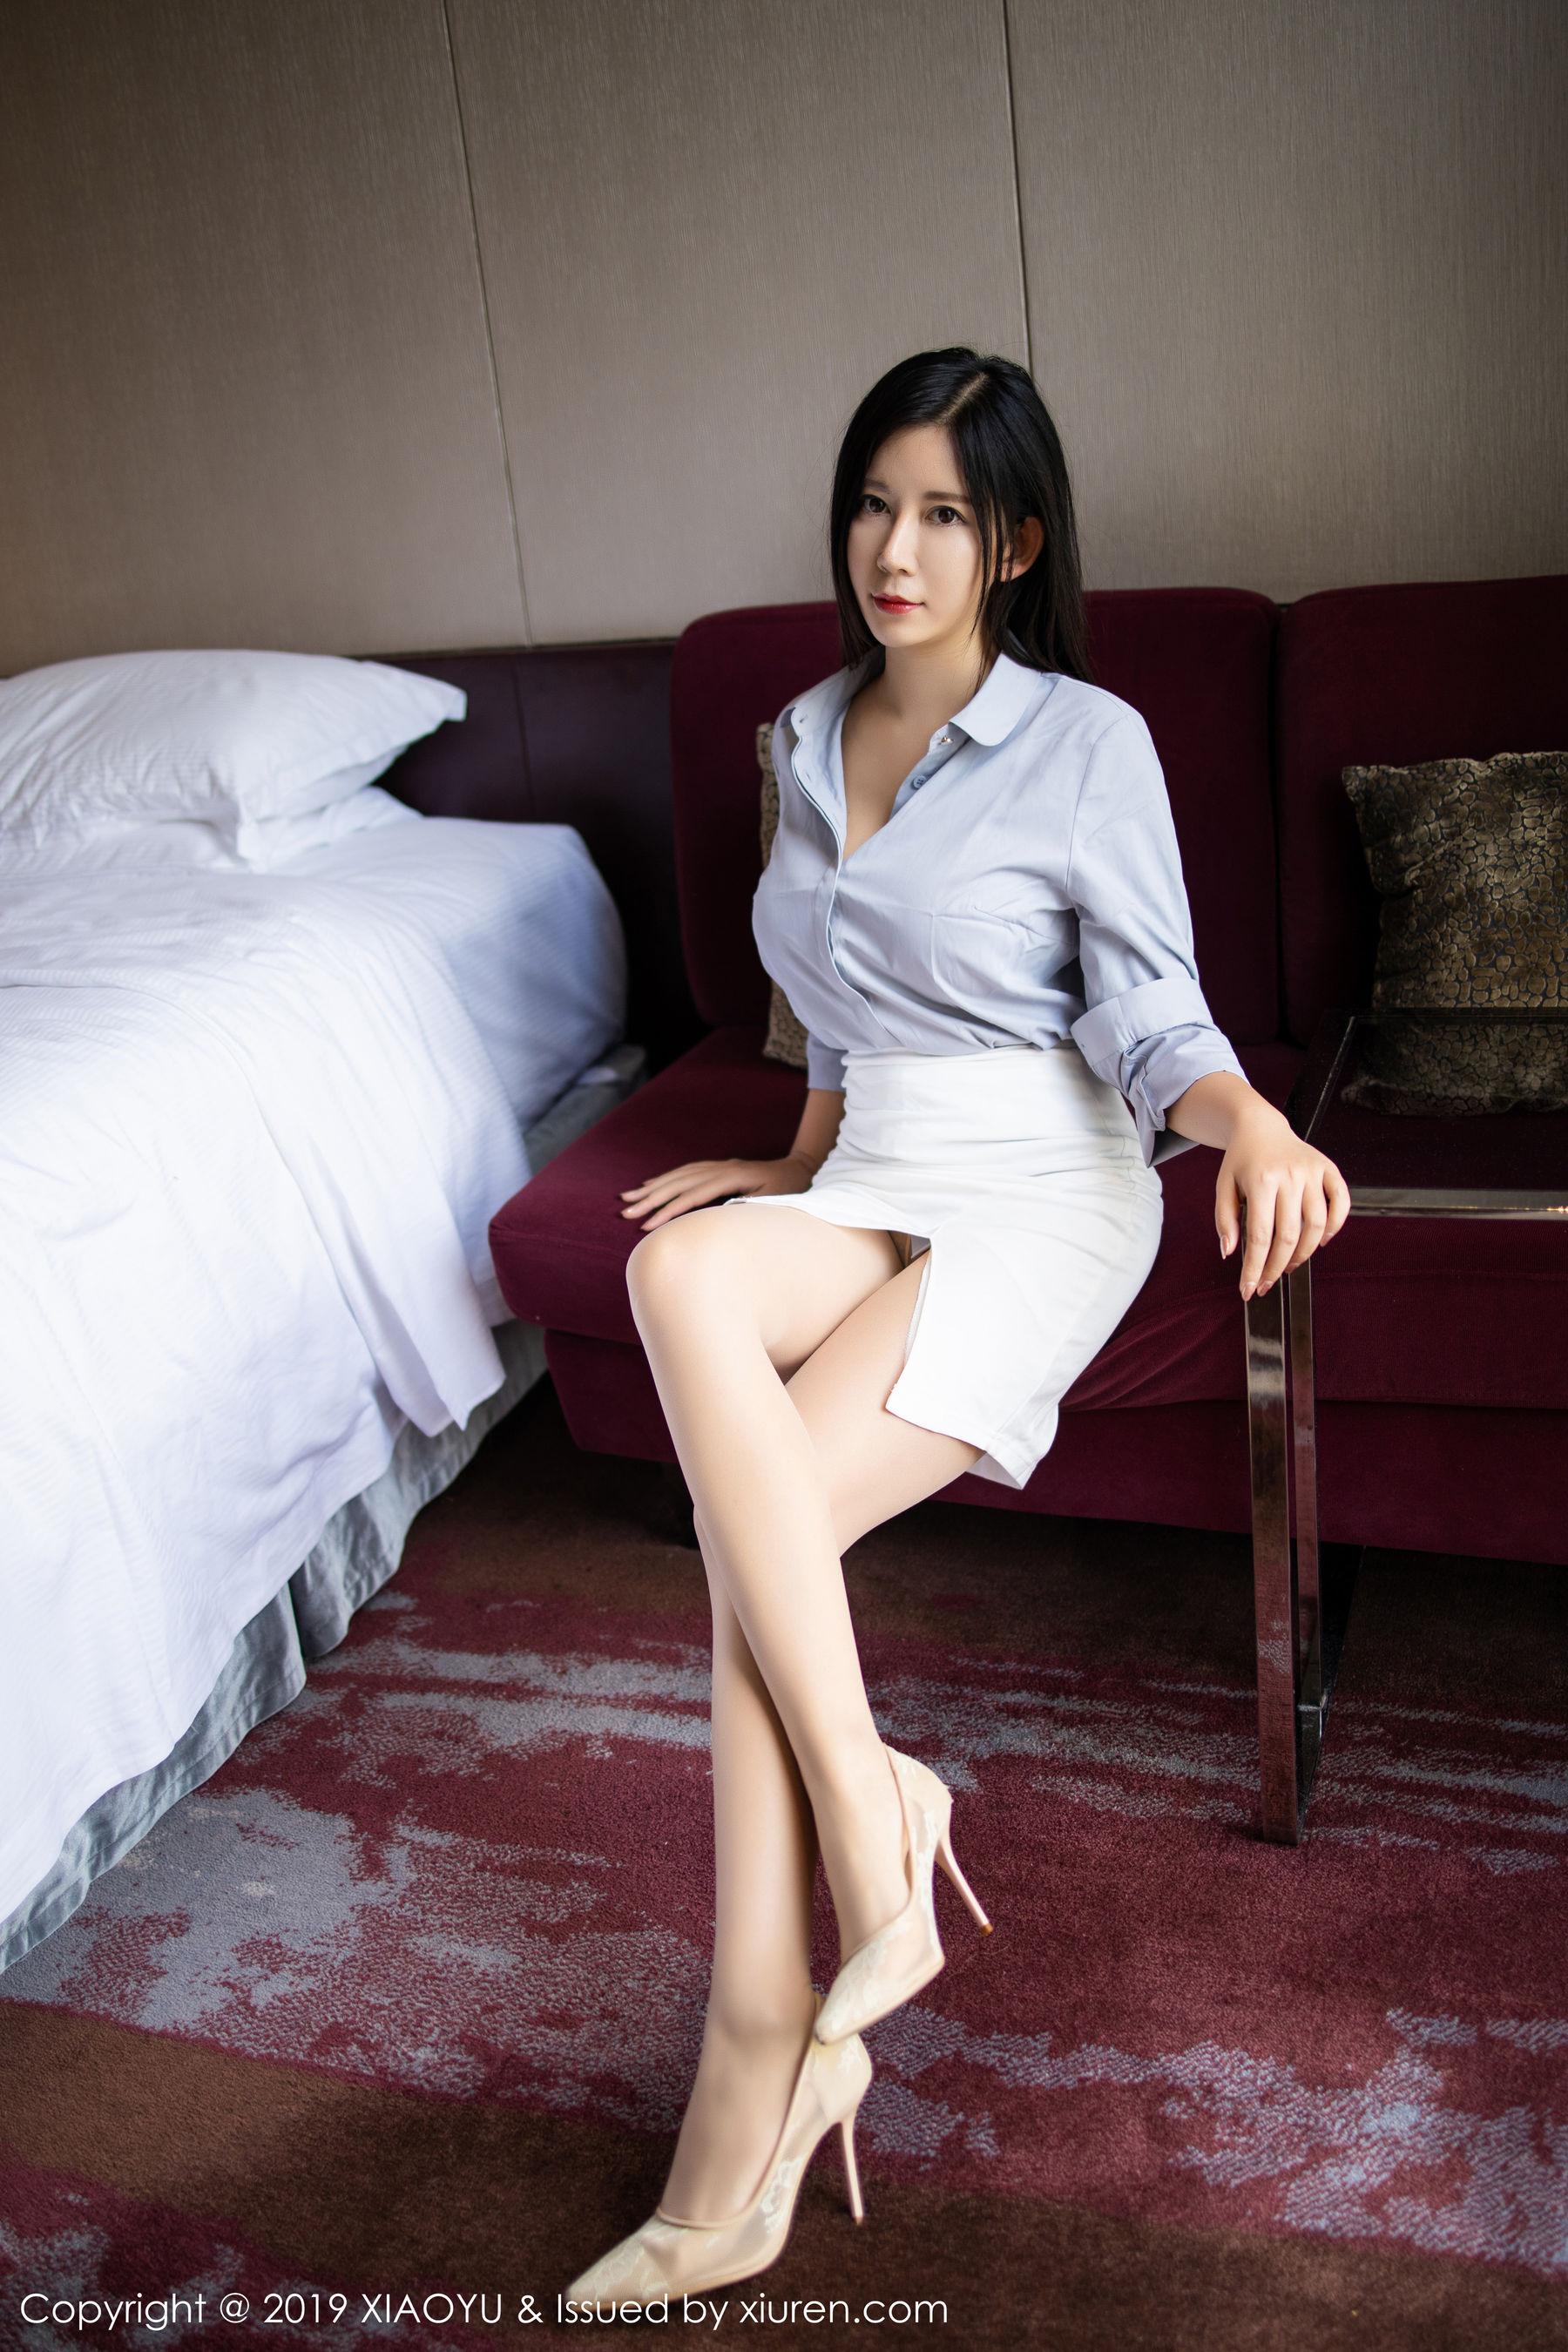 VOL.784 [语画界]美腿大胸女神OL美女:李雅(nova李雅,Abby李雅)超高清写真套图(91P)